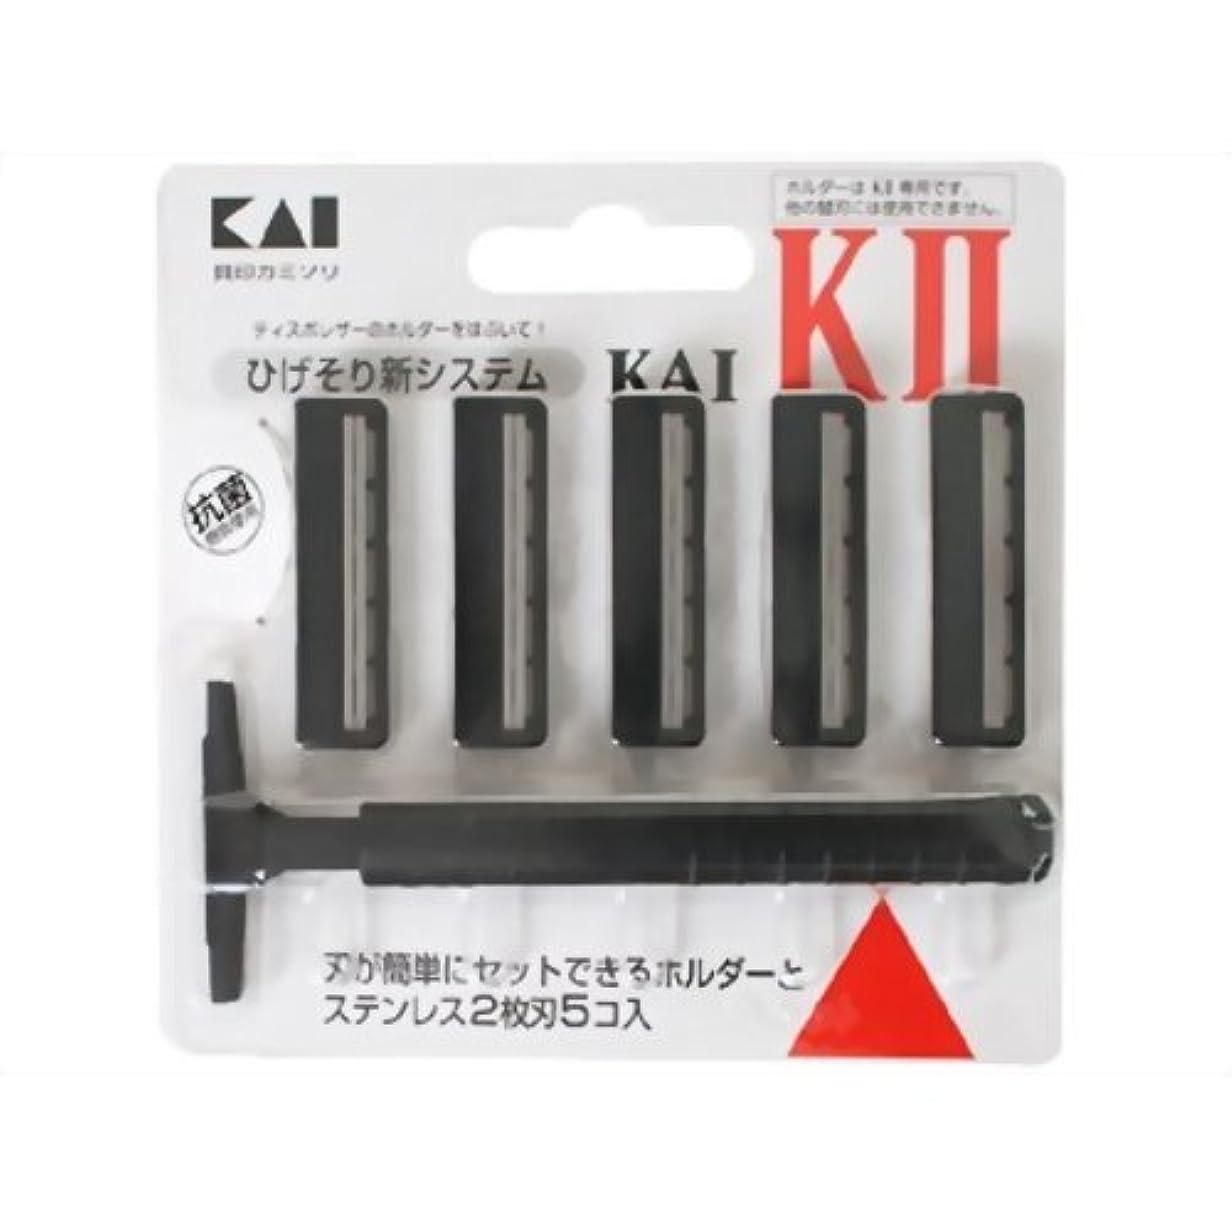 まだコンパニオン授業料K-2 ひげそり用カミソリ ホルダー 替刃5コ付